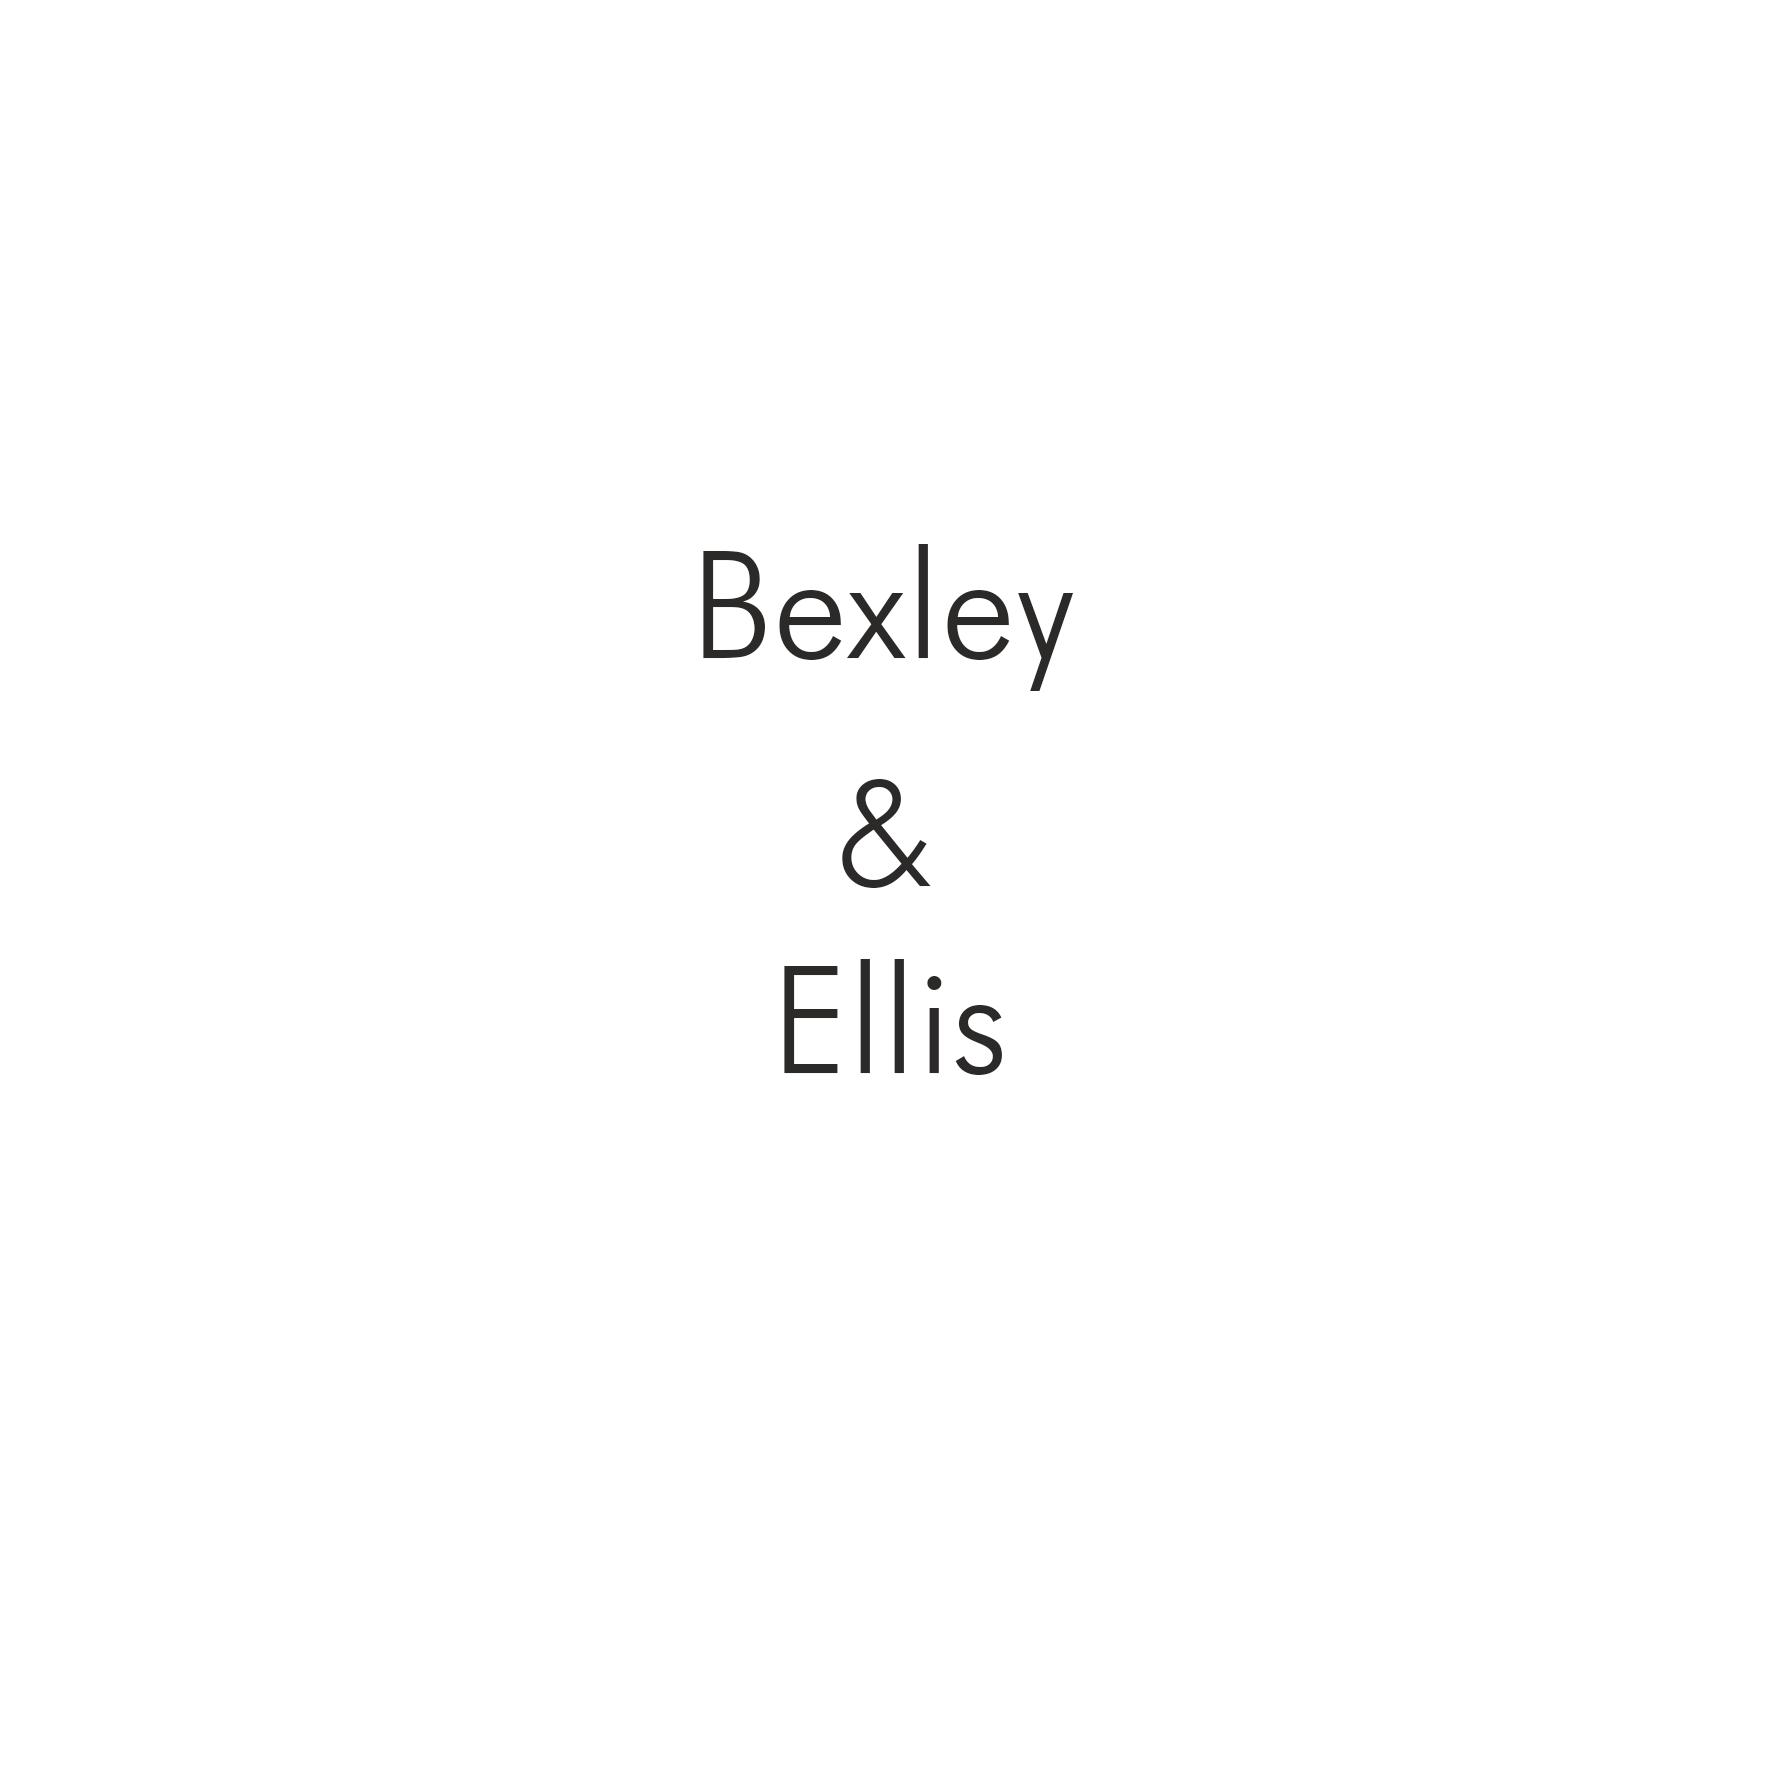 Bexley & Elis.png